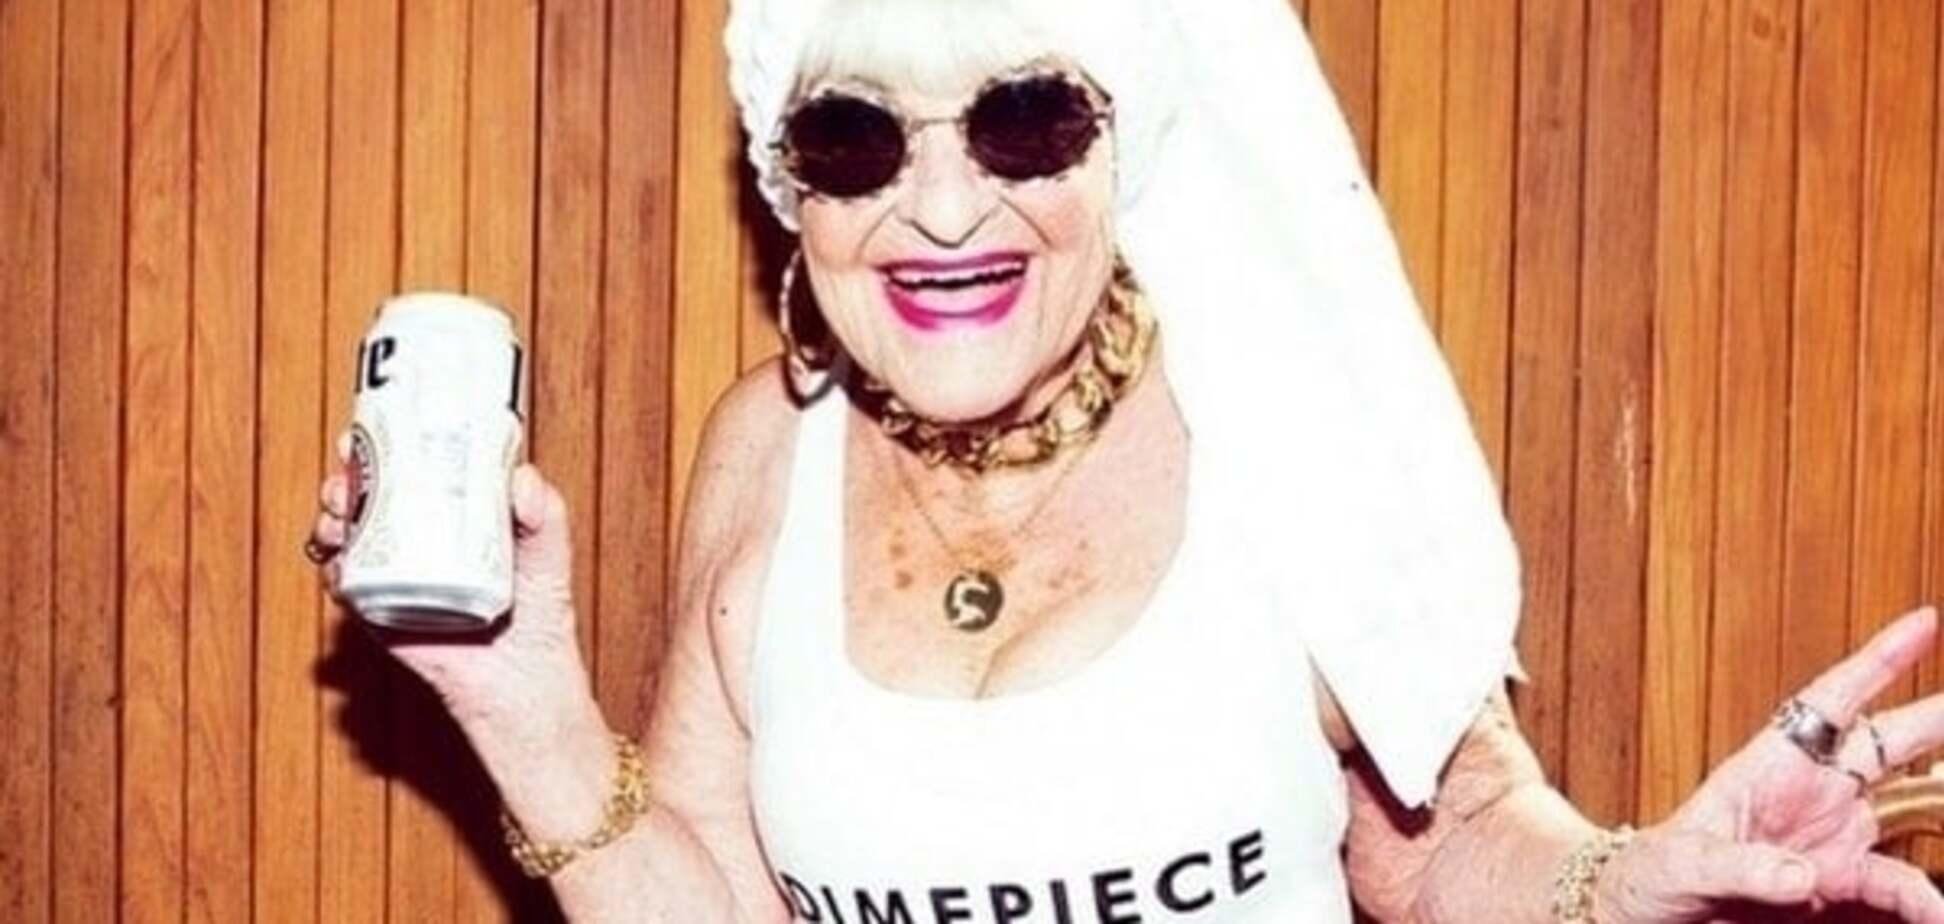 Самая плохая бабушка в Сети: смотрите фото и завидуйте